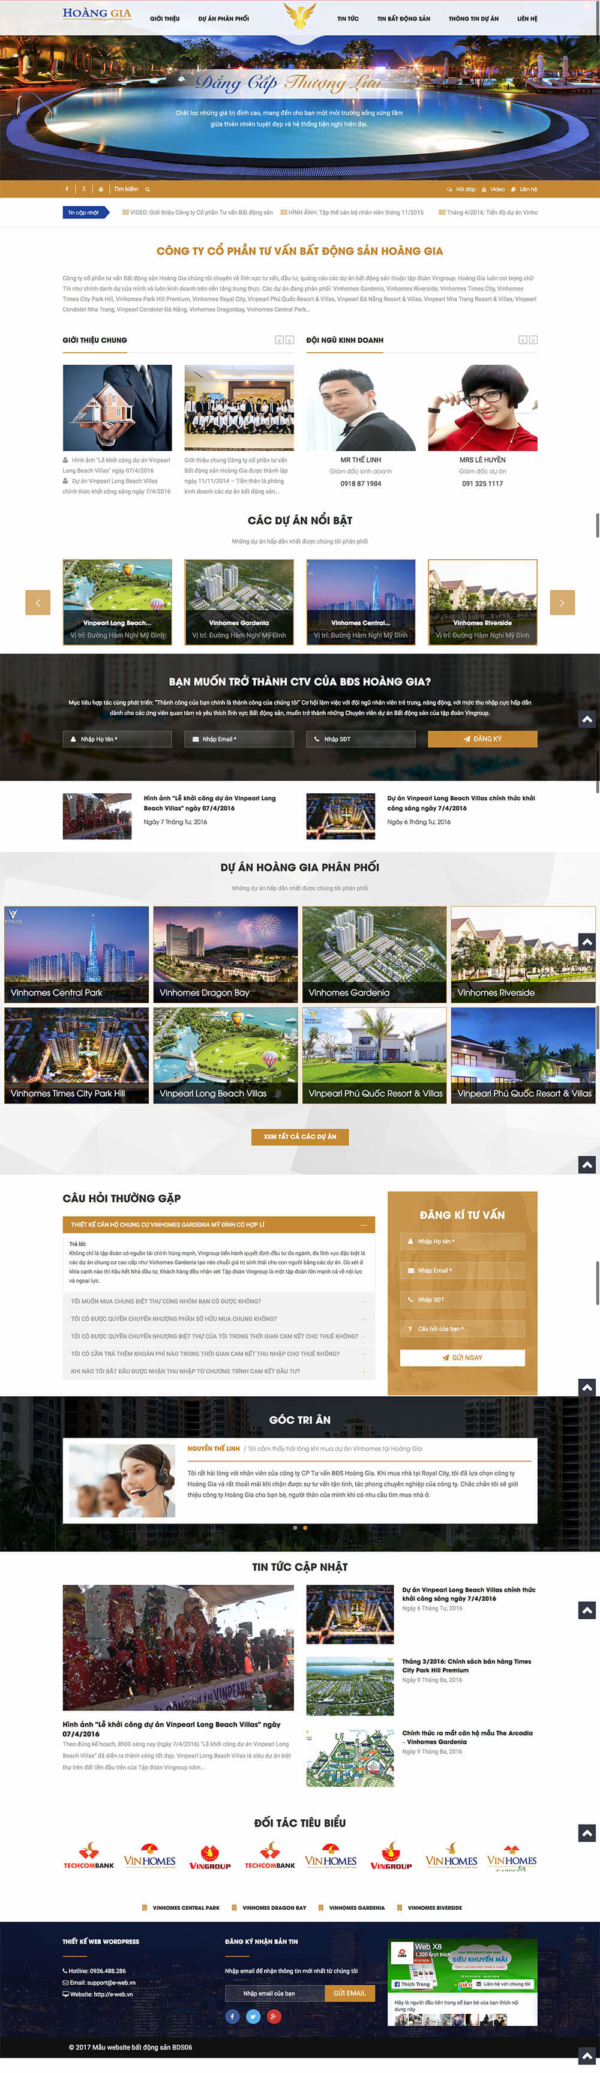 Mẫu web bất động sản Hoàng Gia